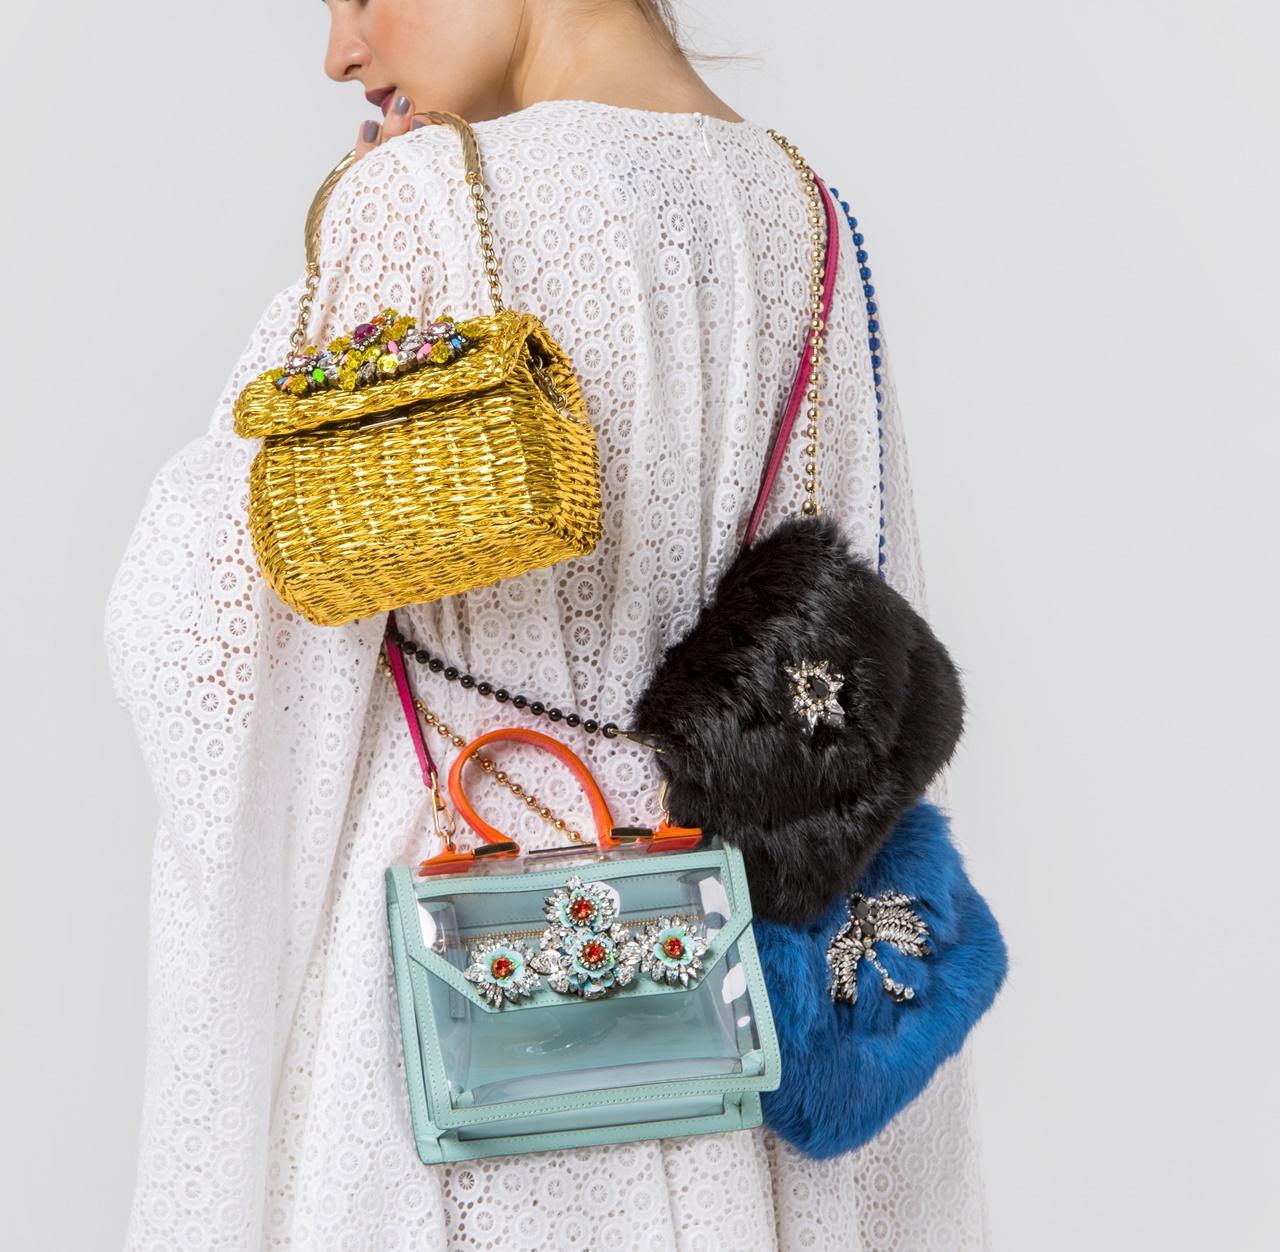 ファーのバッグやゴールドのかごバッグはShourouk(シュルーク)のおしゃれなレンタバッグ